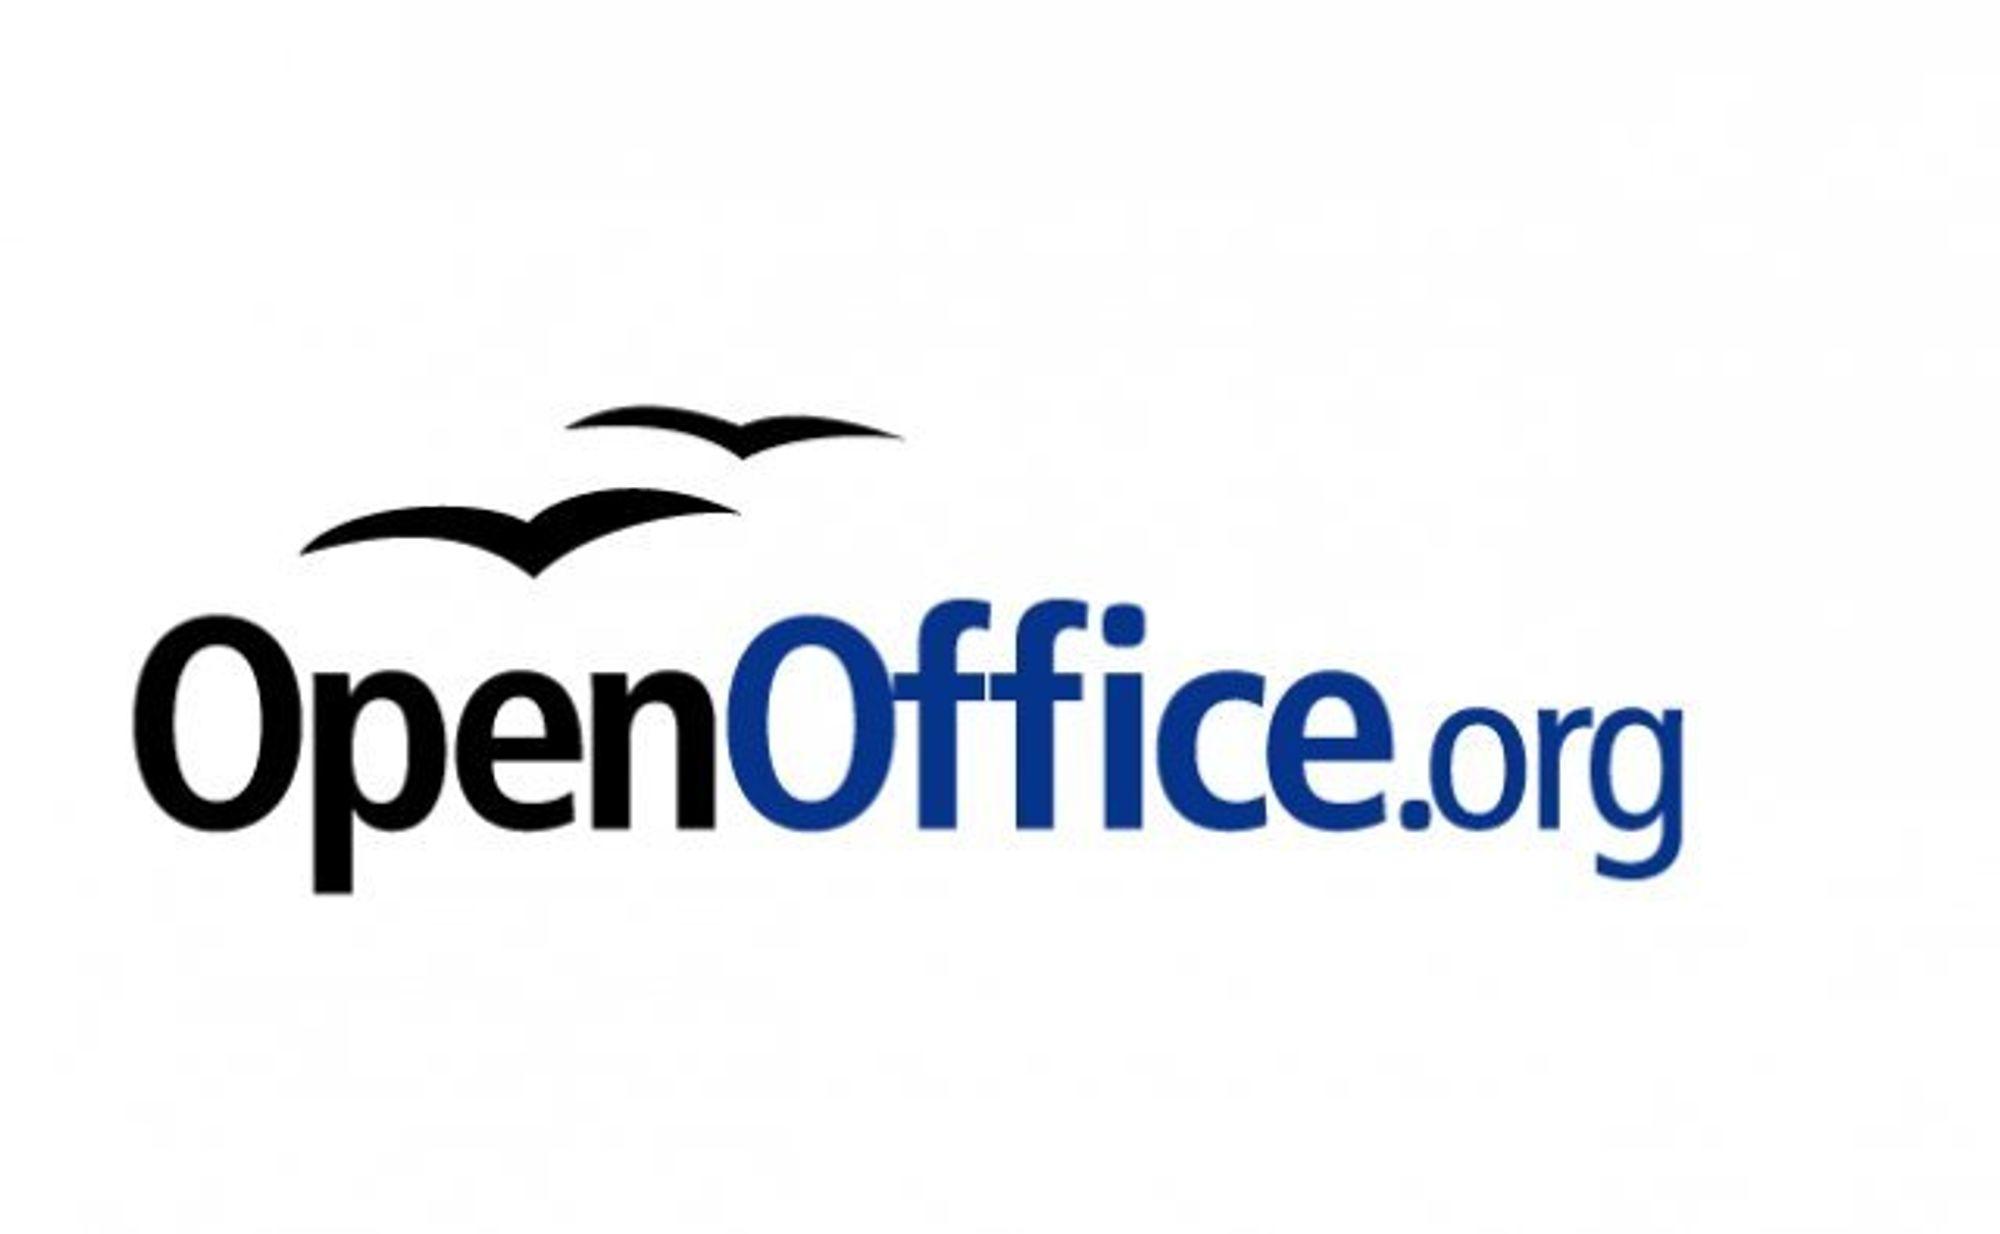 Open Office sin logo.